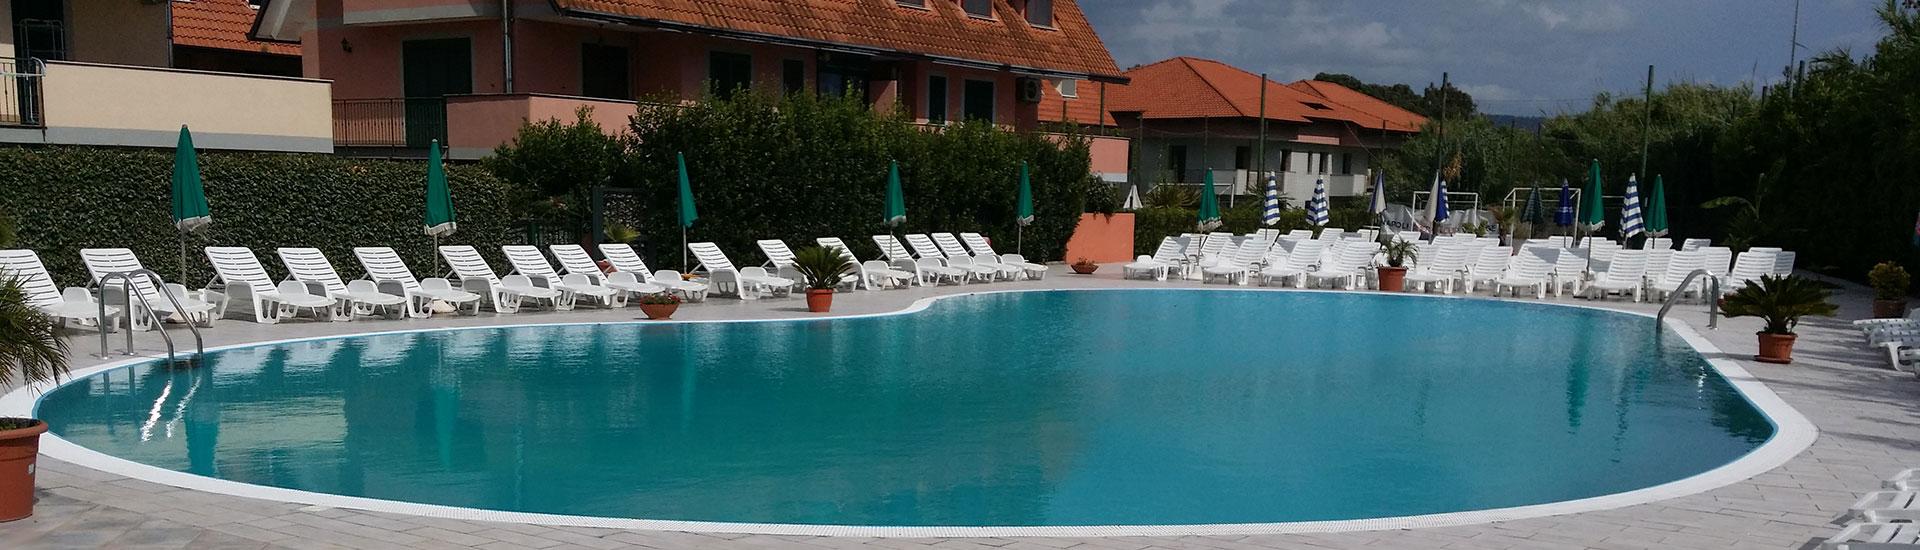 Offerte piscine biodesign saune fontane accessori napoli for Offerte piscine